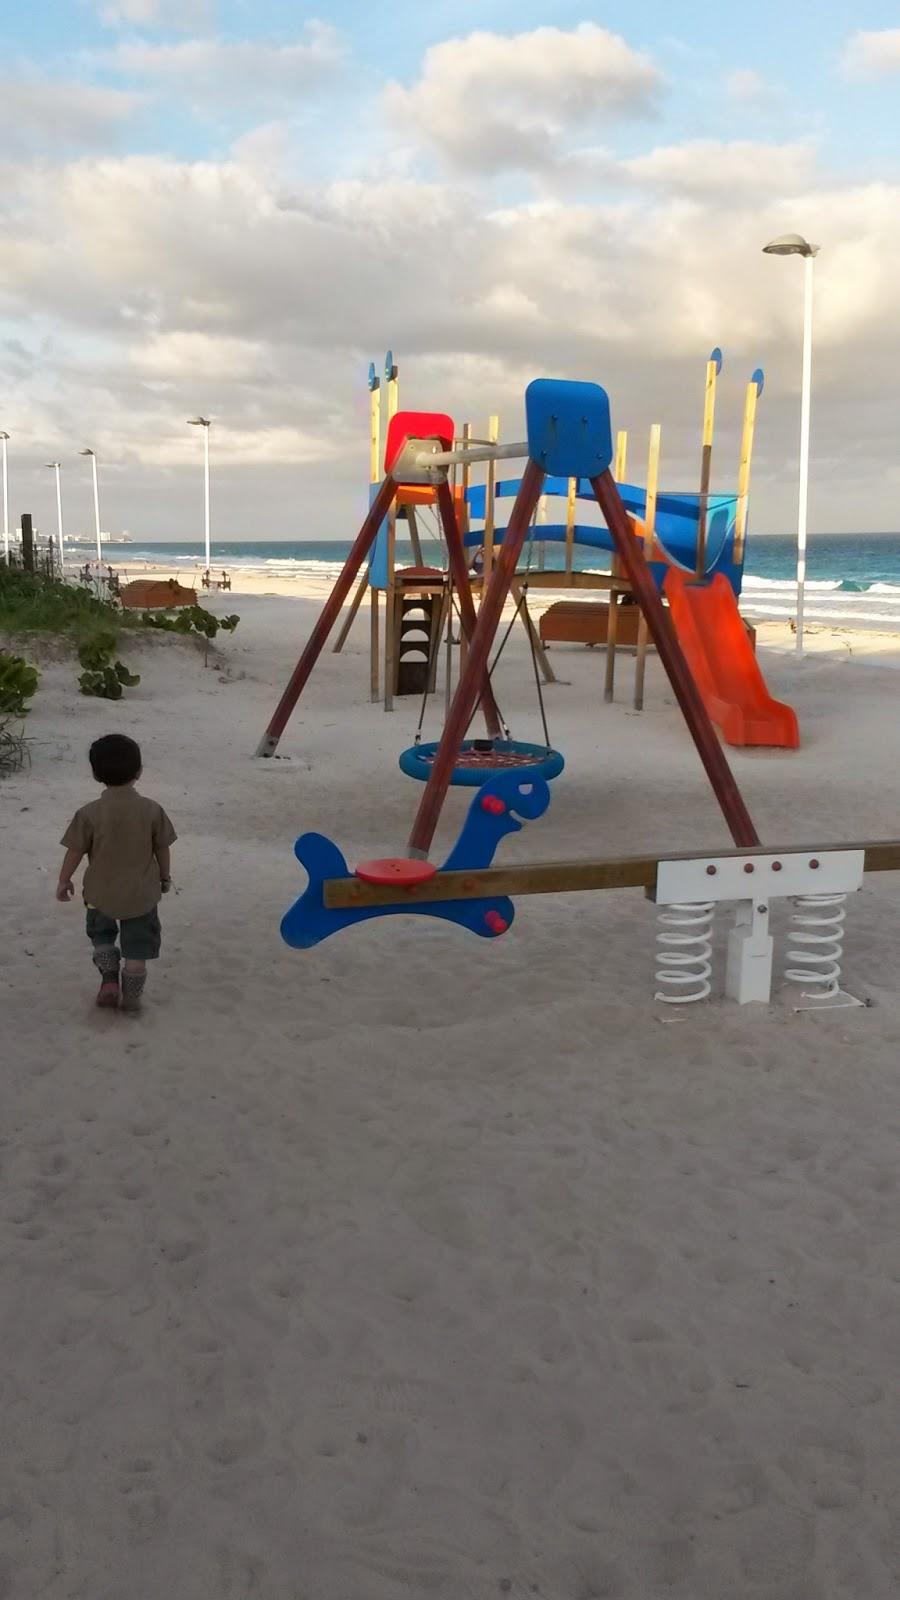 praia-pública-cancun-delfines-crianças-niños